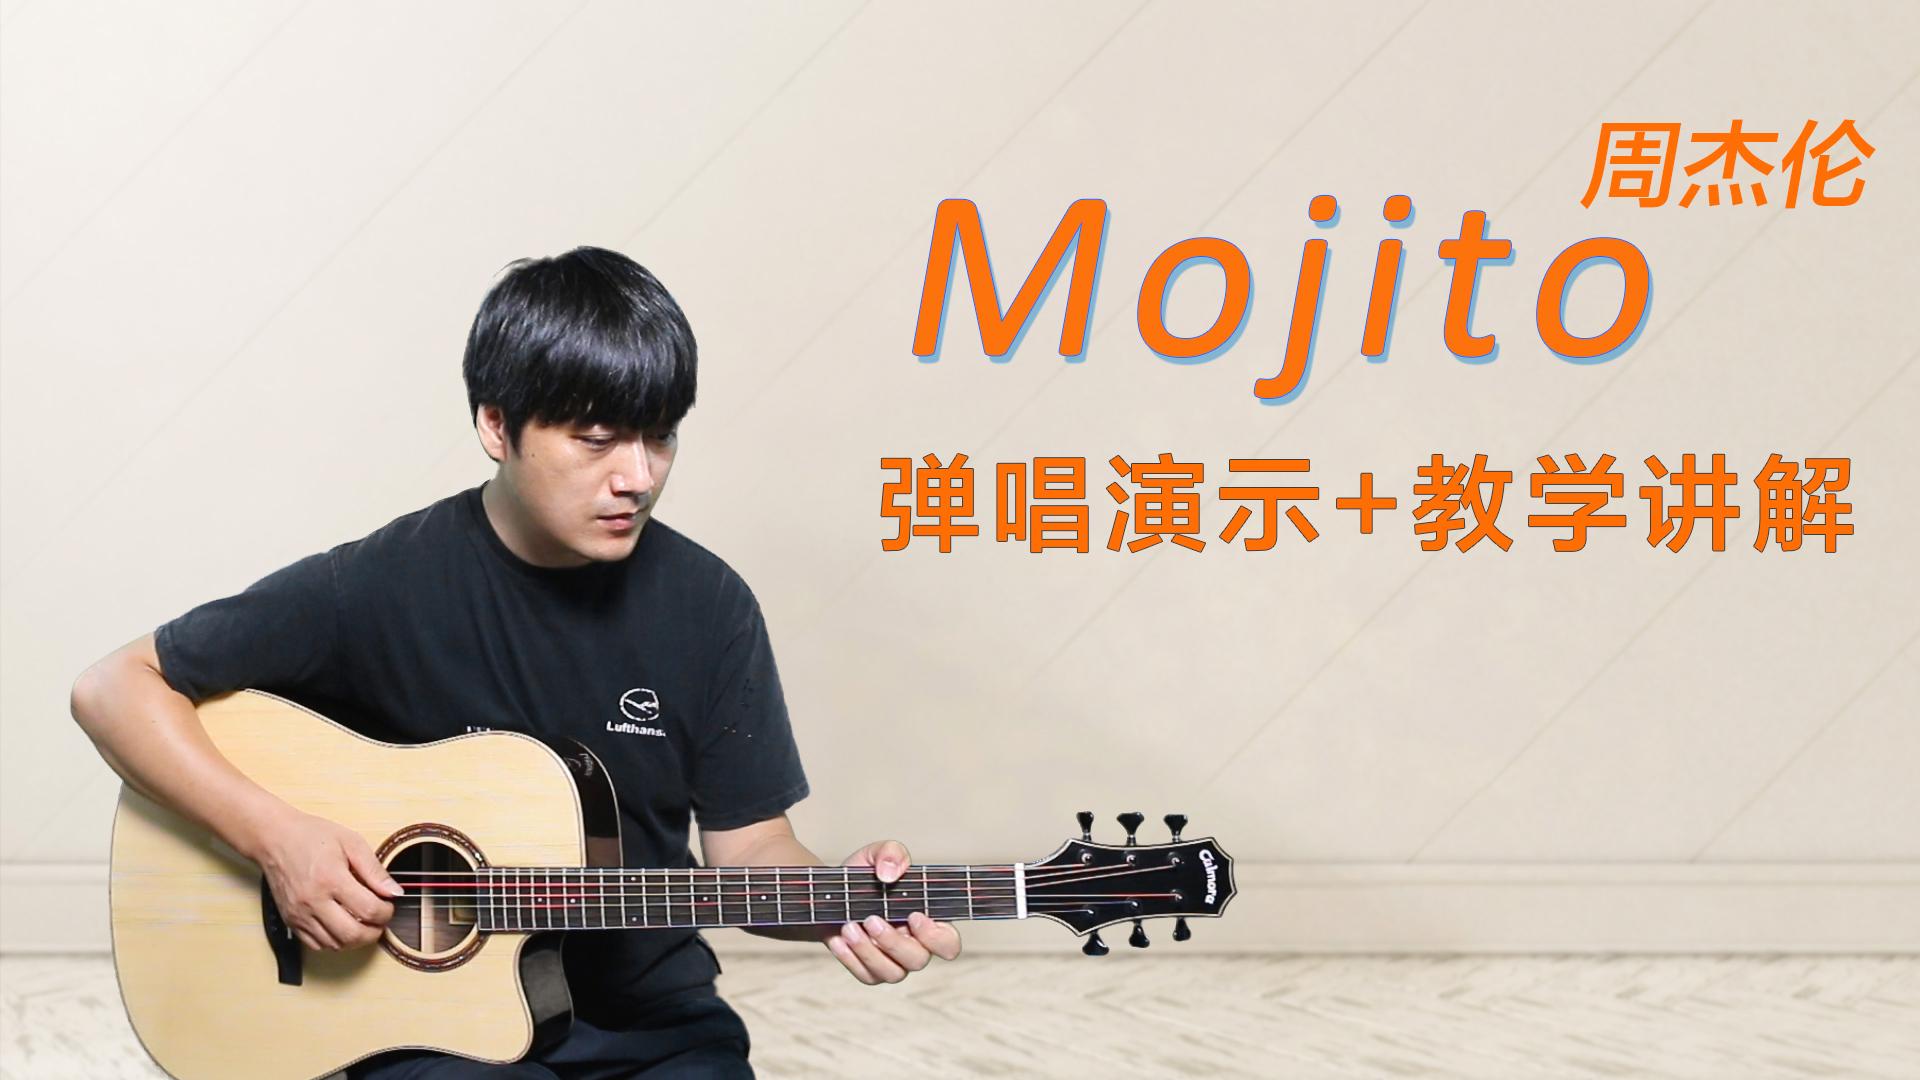 中级版《Mojito》周杰伦吉他弹唱翻唱 酷音小伟吉他教学自学教程